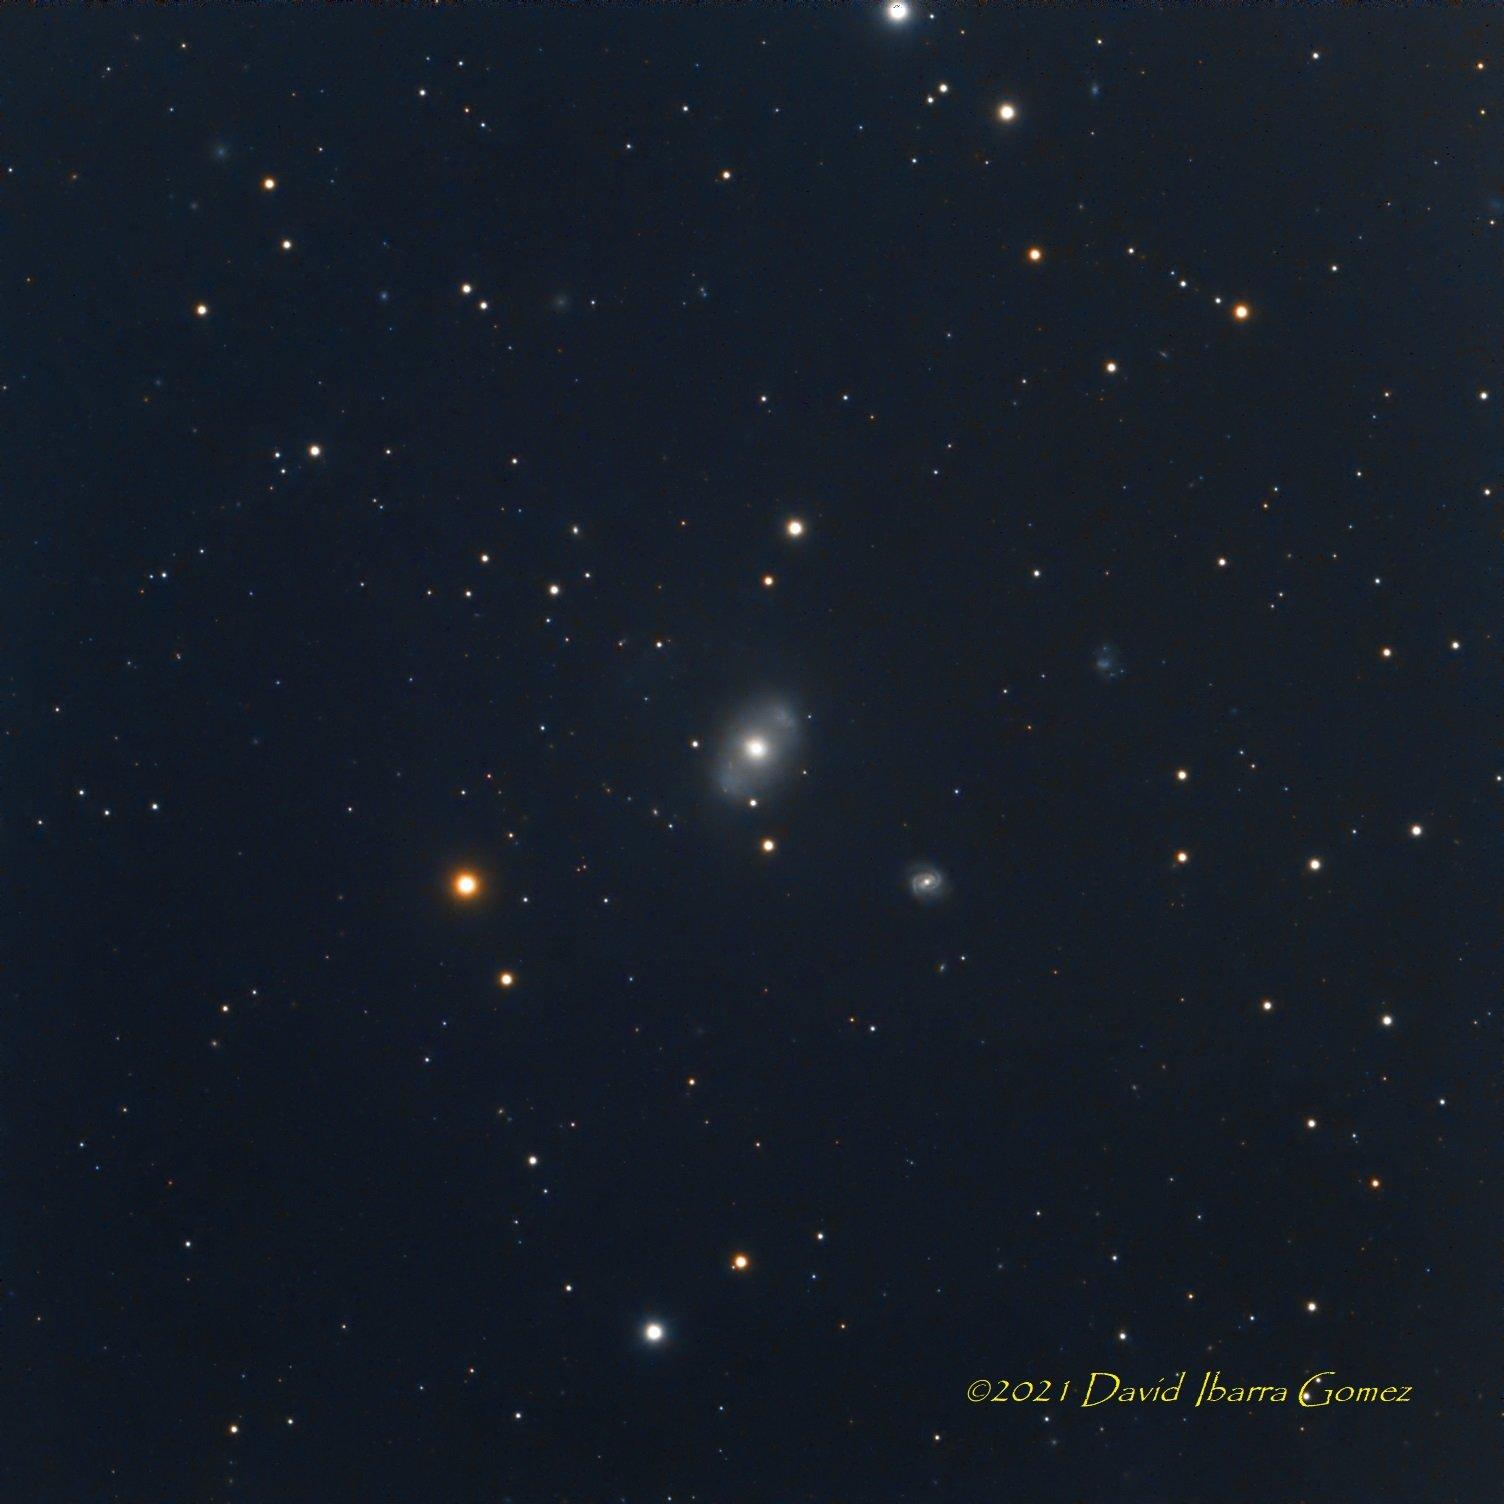 NGC4151 - David Ibarra